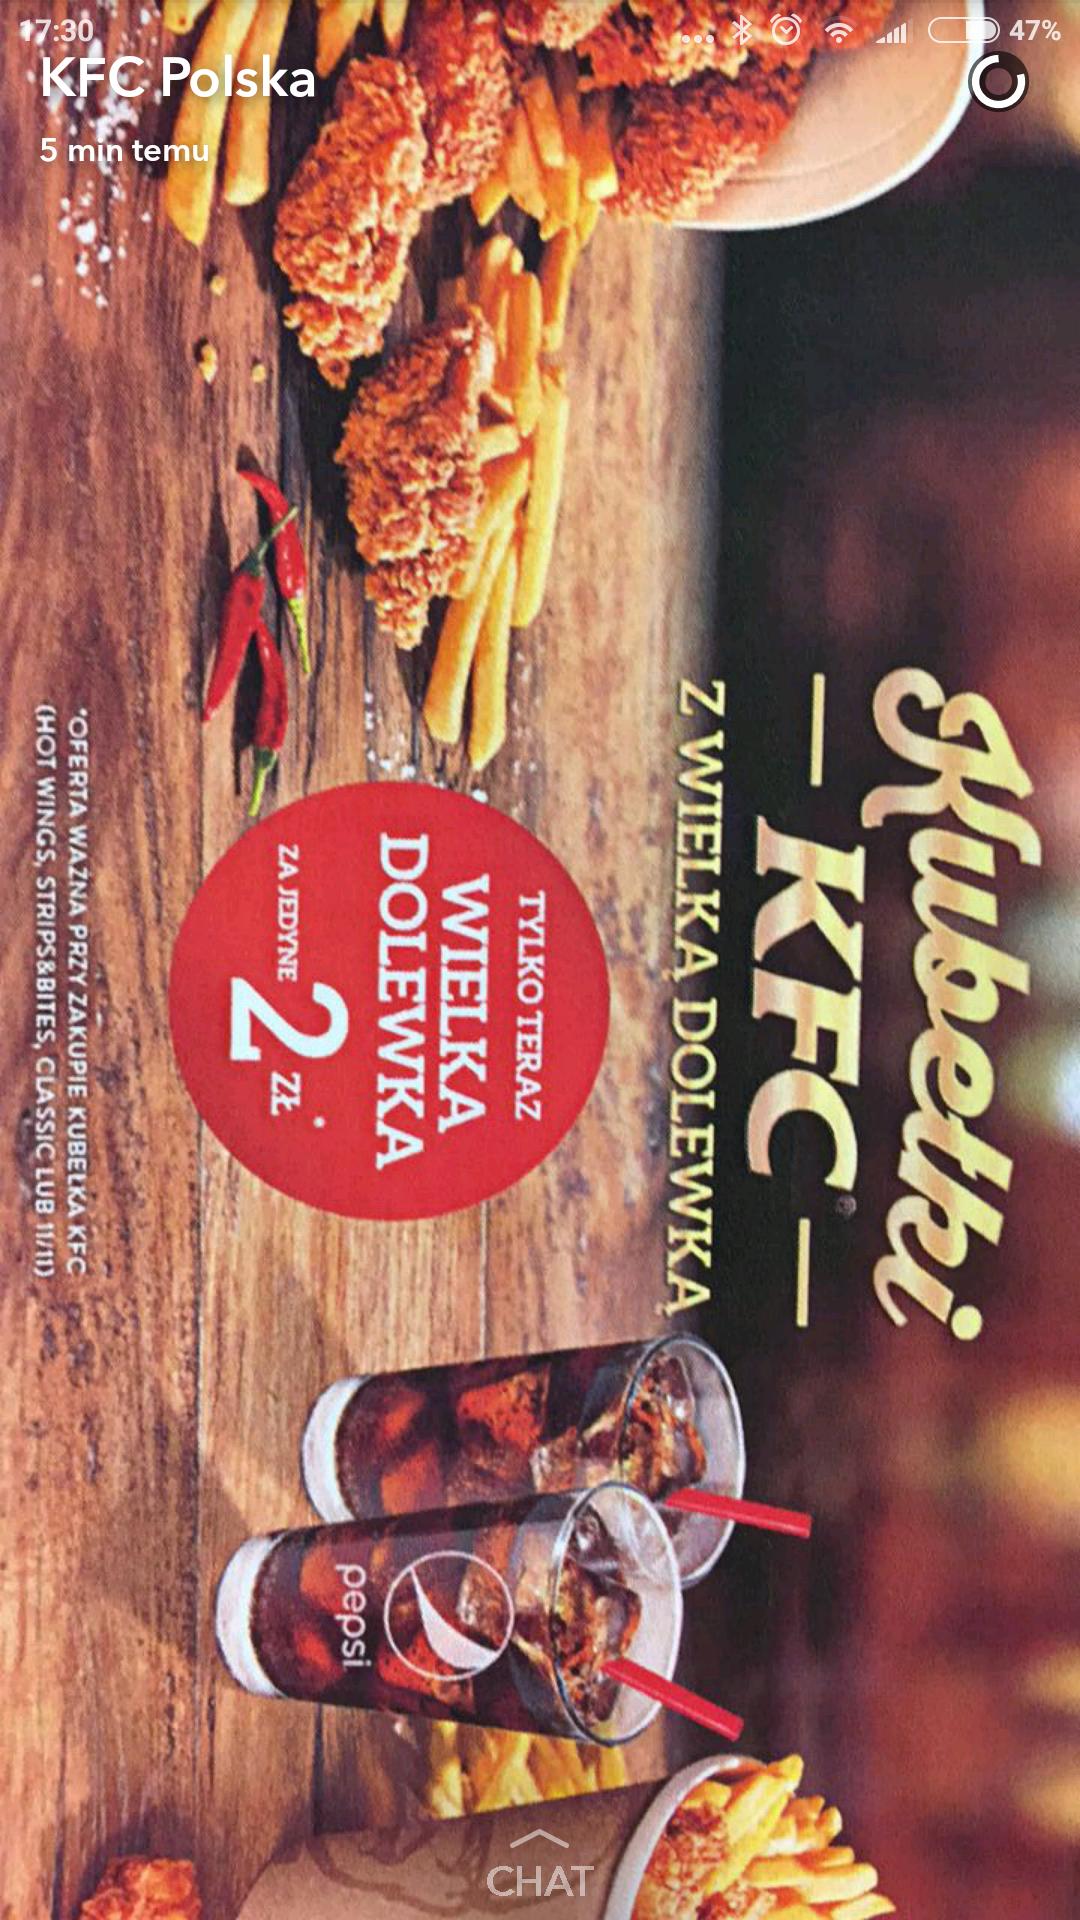 KFC: Wielka Dolewka za 2 zł przy zakupie kubełka